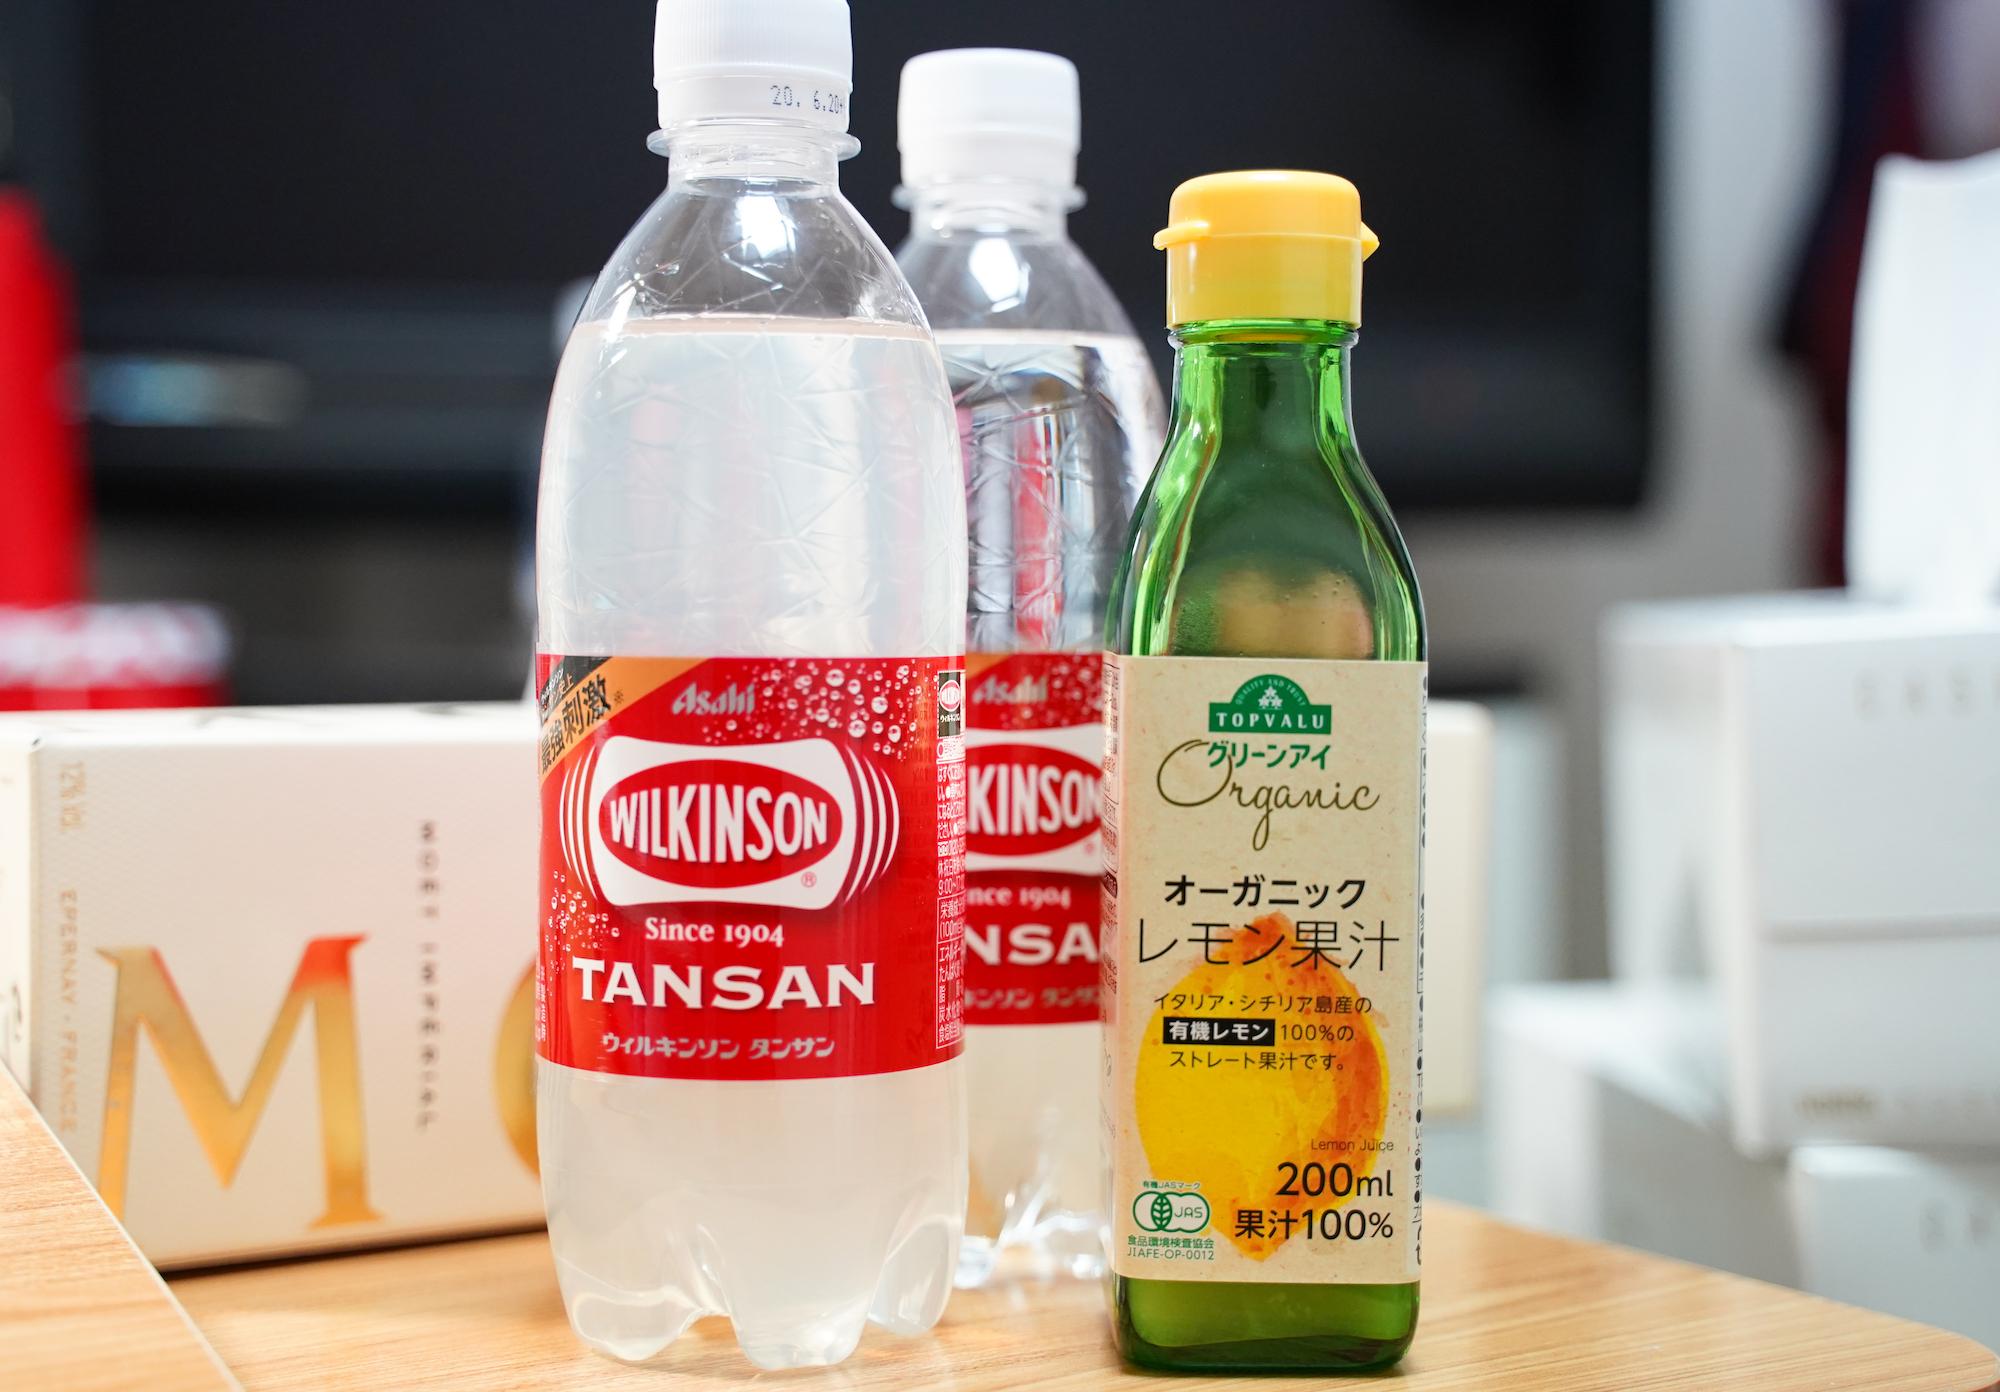 ウィルキンソン (WILKINSON) &オーガニックレモン果汁